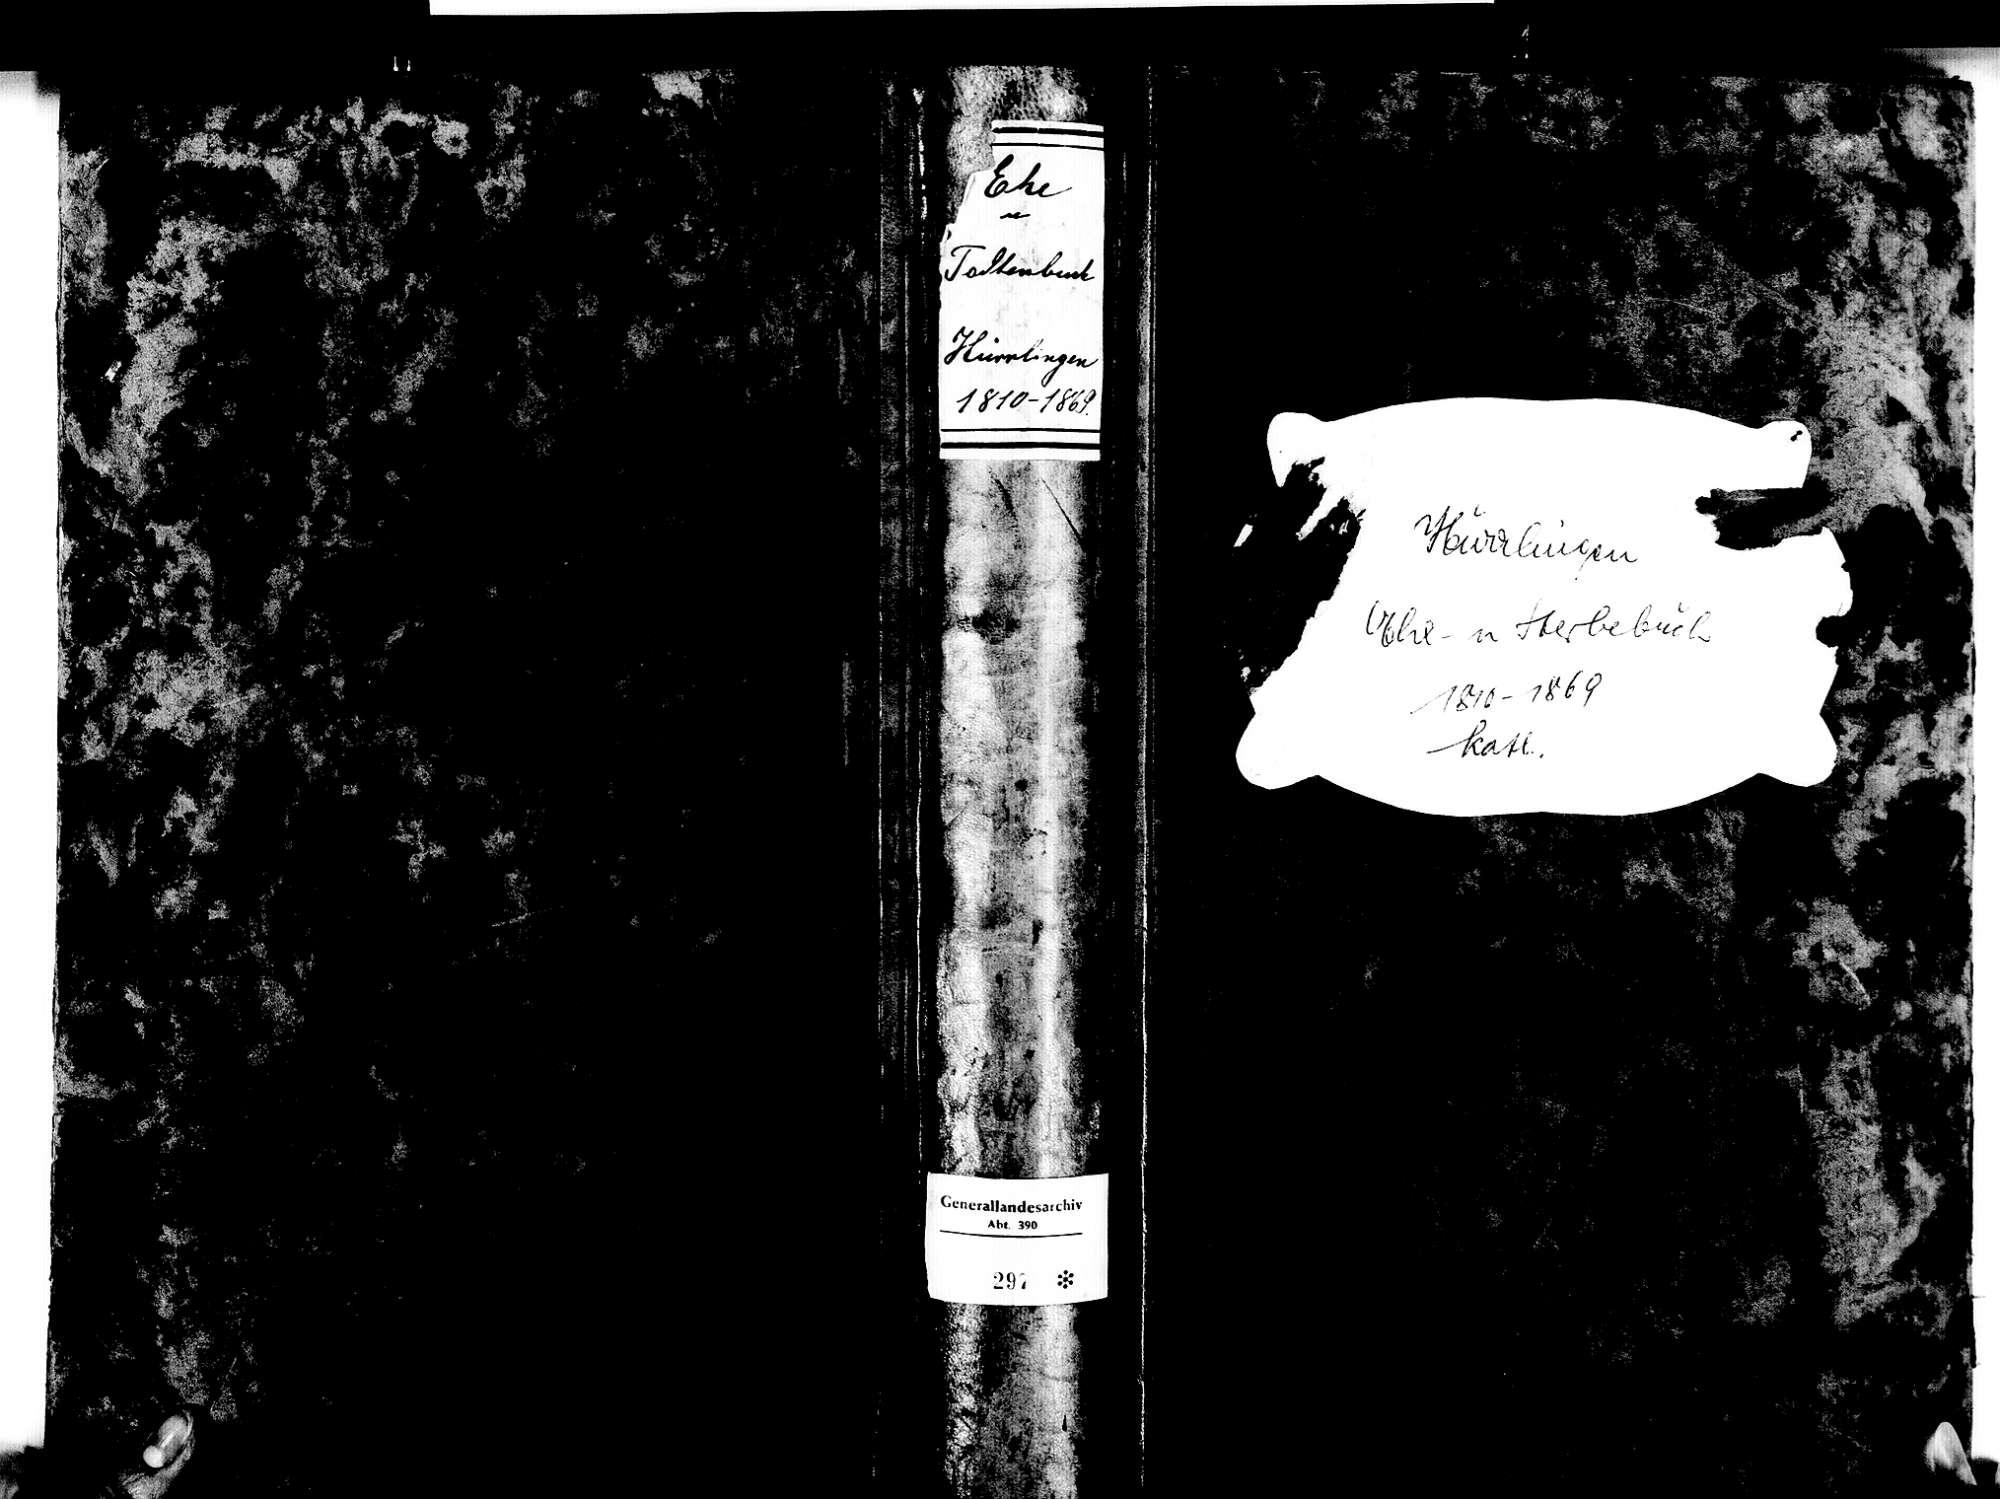 Hürrlingen, Ühlingen-Birkendorf WT; Katholische Gemeinde: Heirats- und Sterbebuch 1810-1869, Bild 1